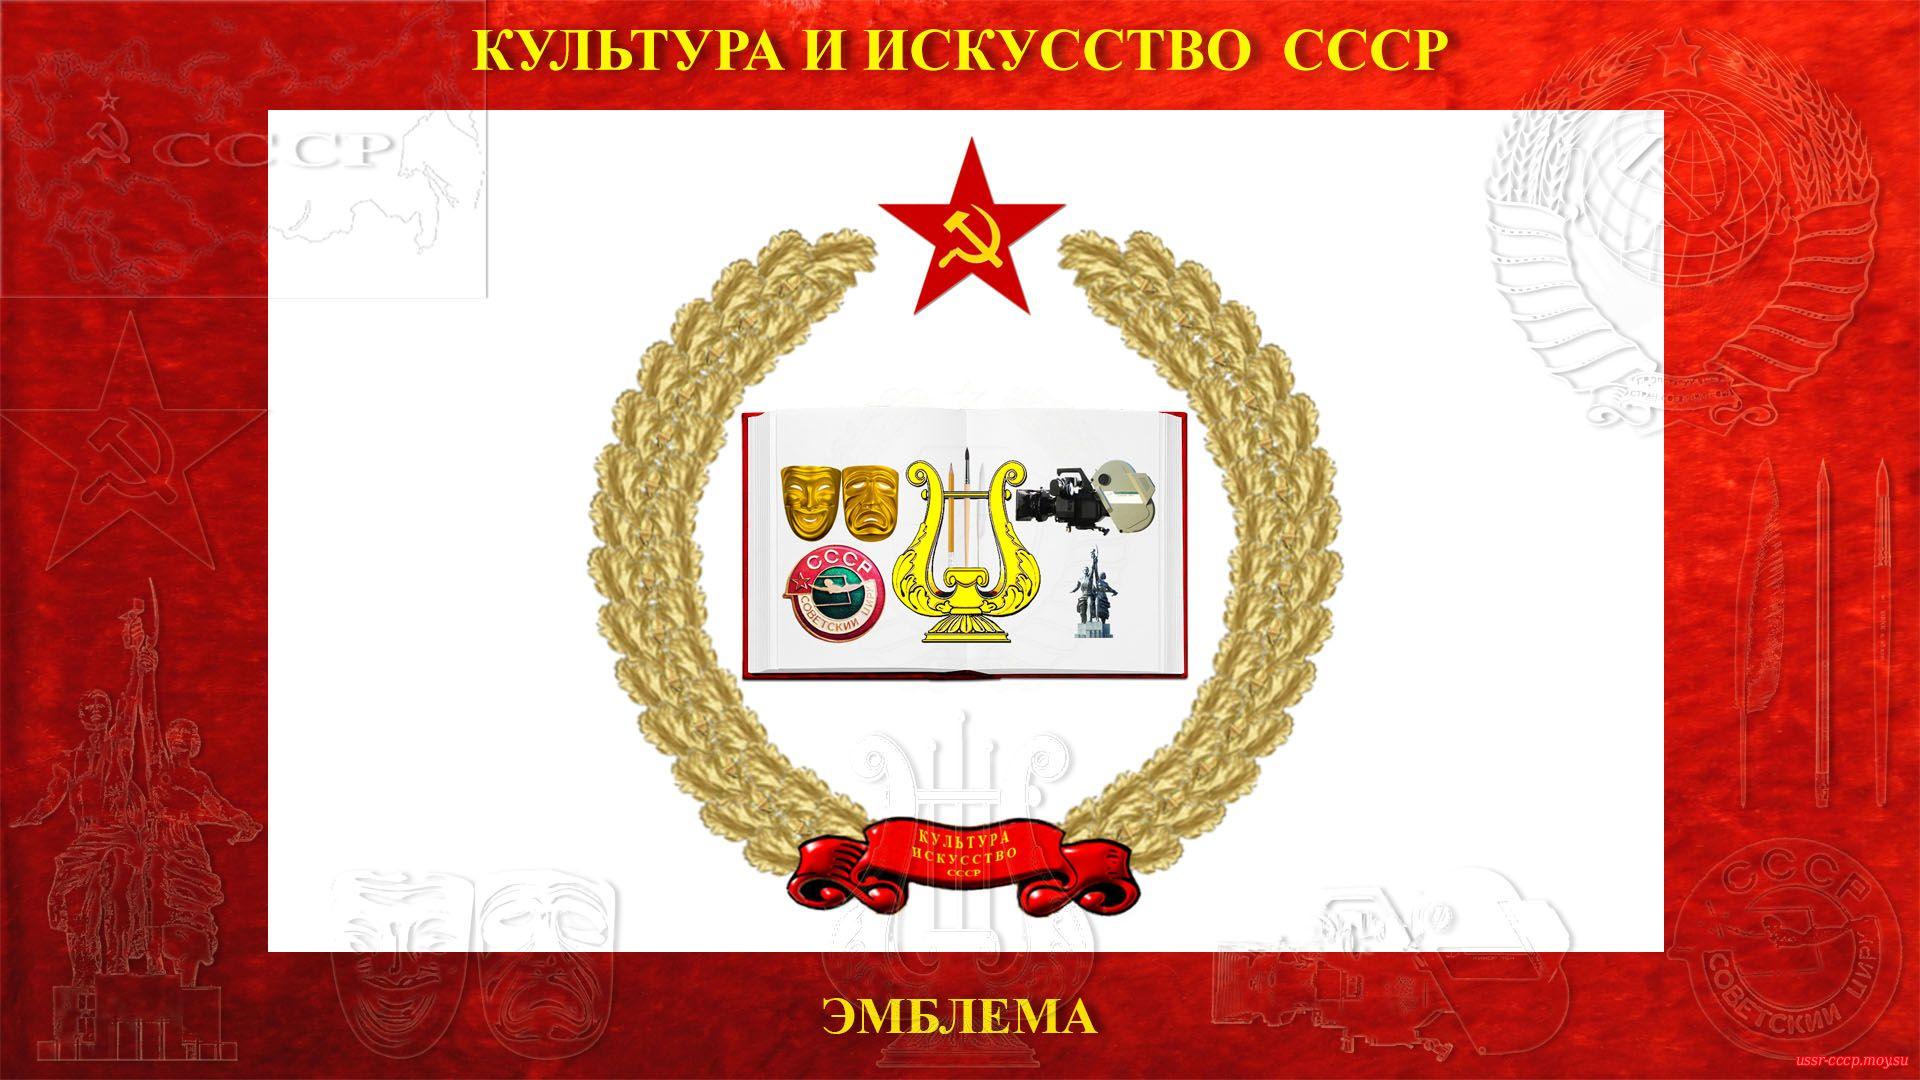 Советская культура и искусство в СССР — (30.12.1922 — 25.12.1991)